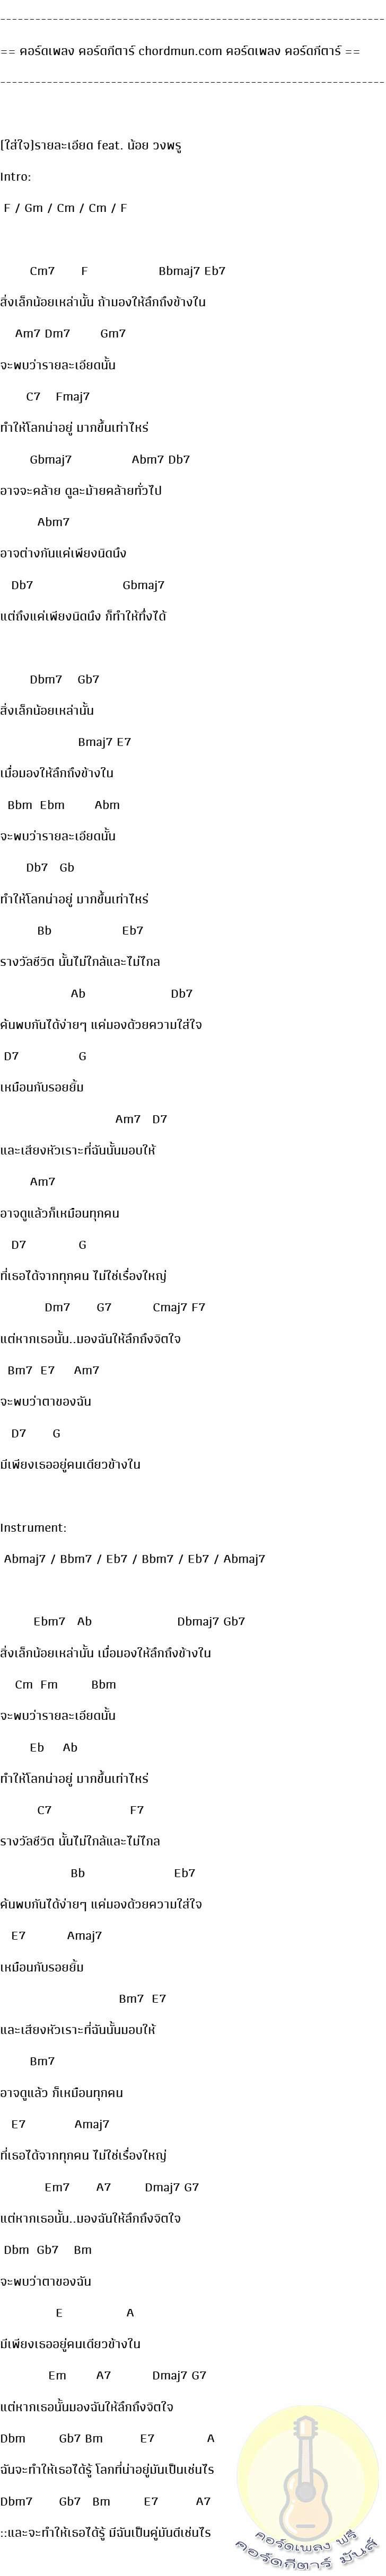 คอร์ดเพลง ง่ายๆ  เพลง (ใส่ใจ)รายละเอียด feat. น้อย วงพรู